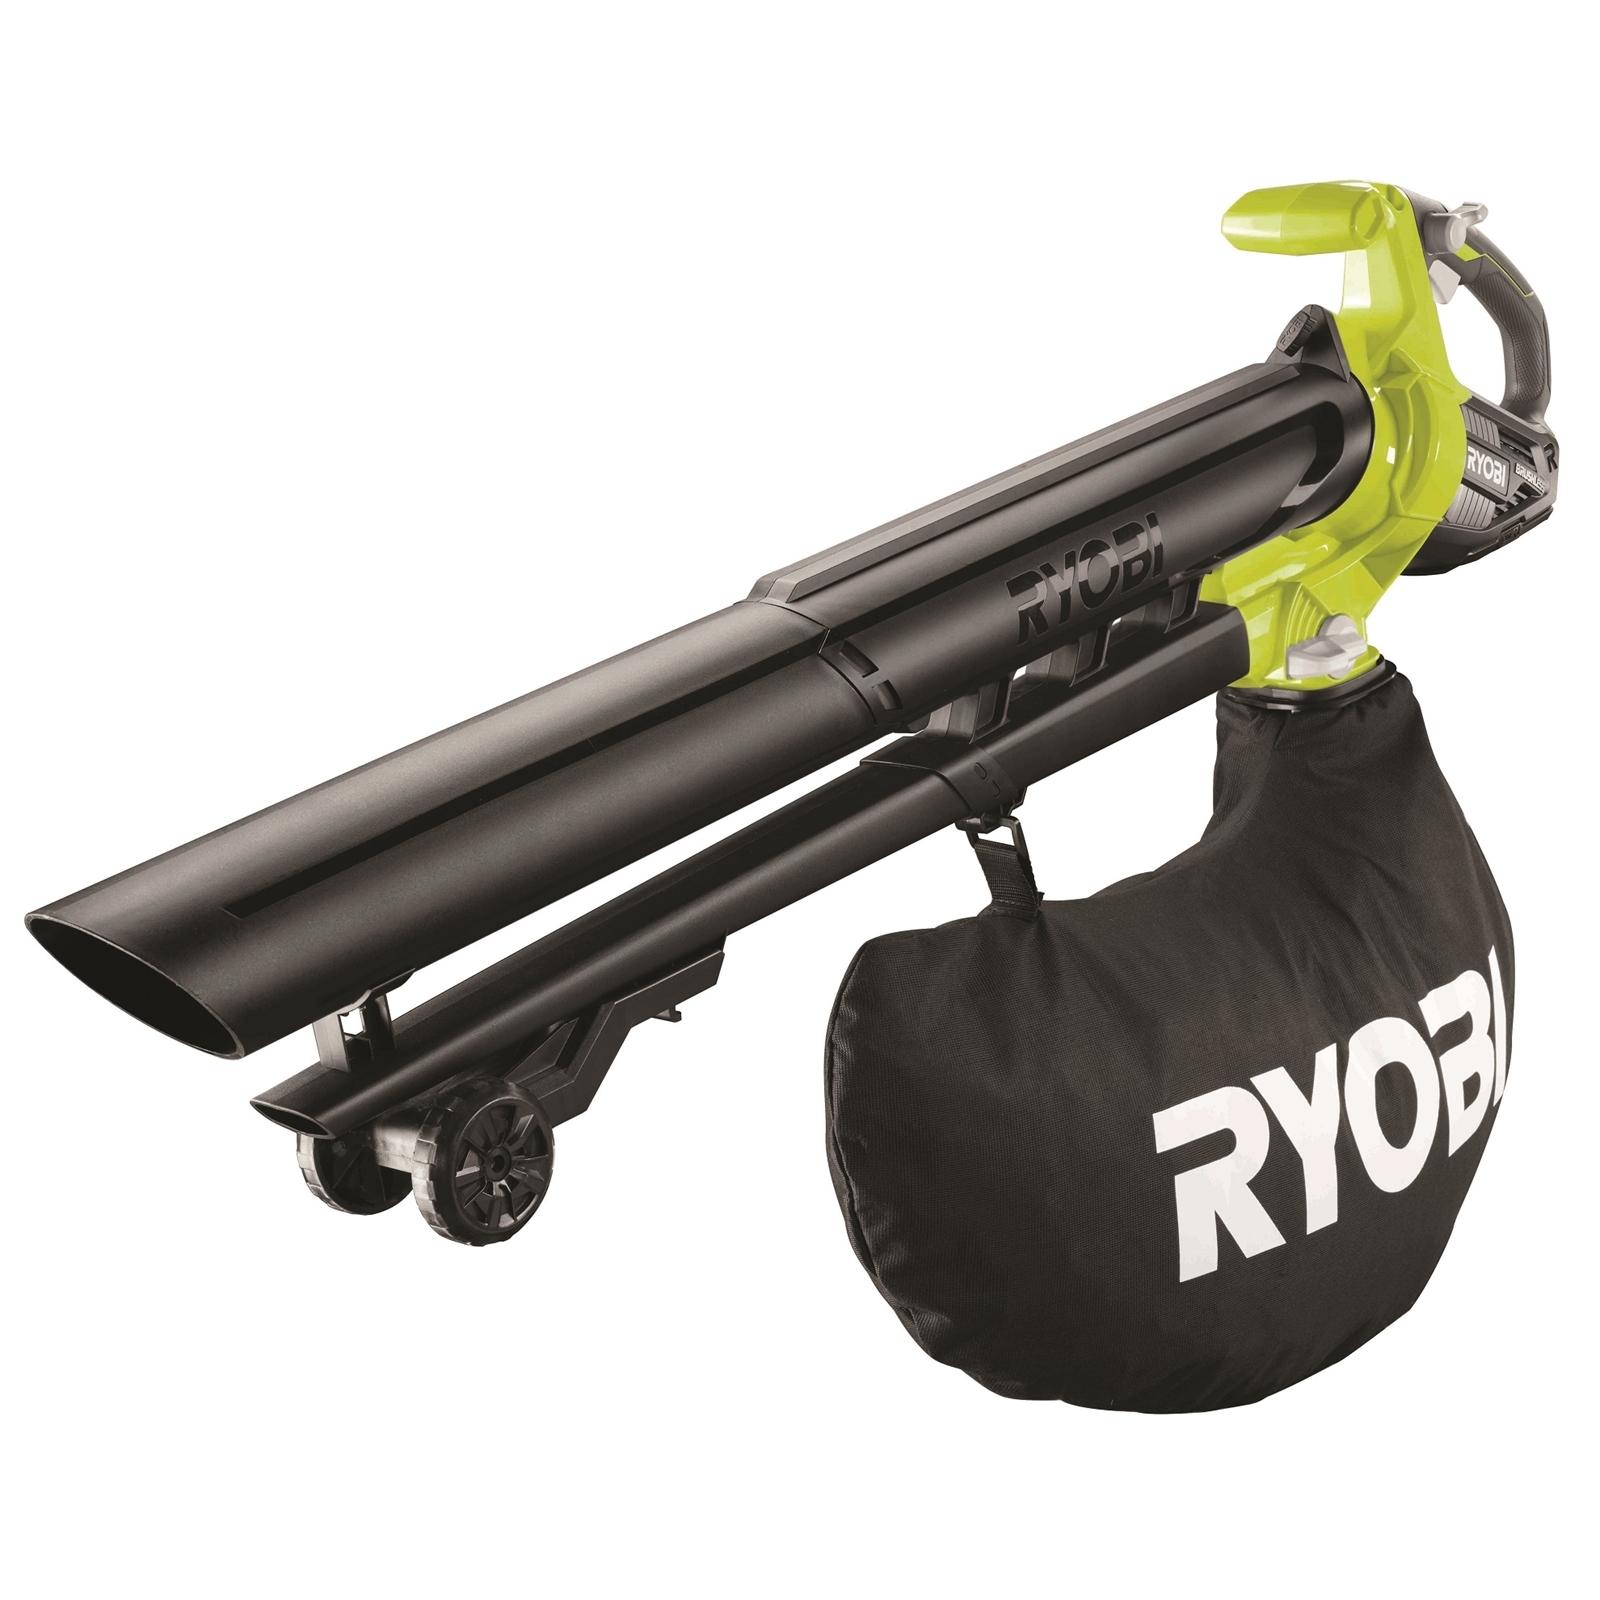 Ryobi One+ 18V Cordless Blower Vac - Skin Only